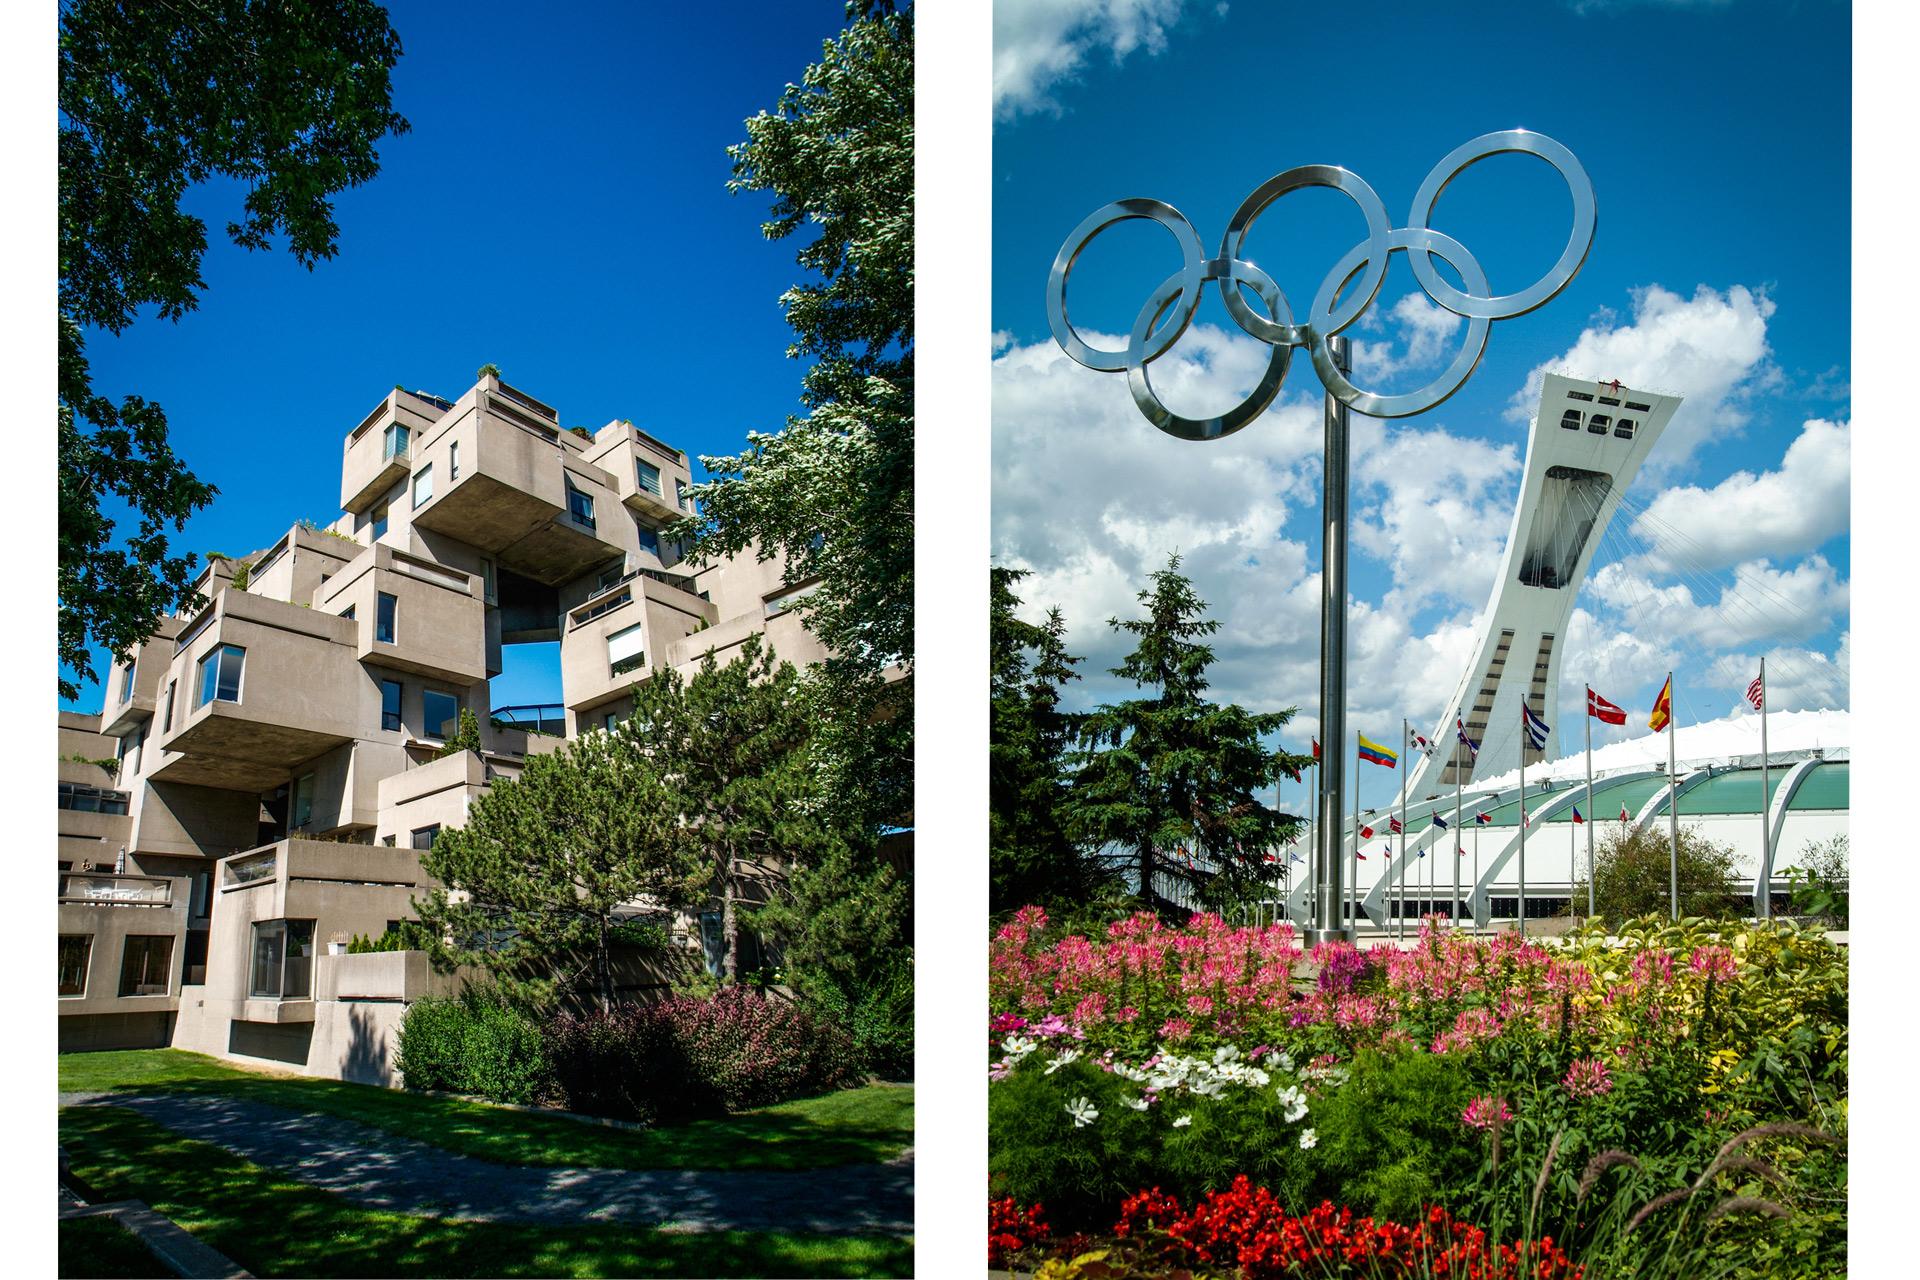 Habitat 67 et Stade Olympique